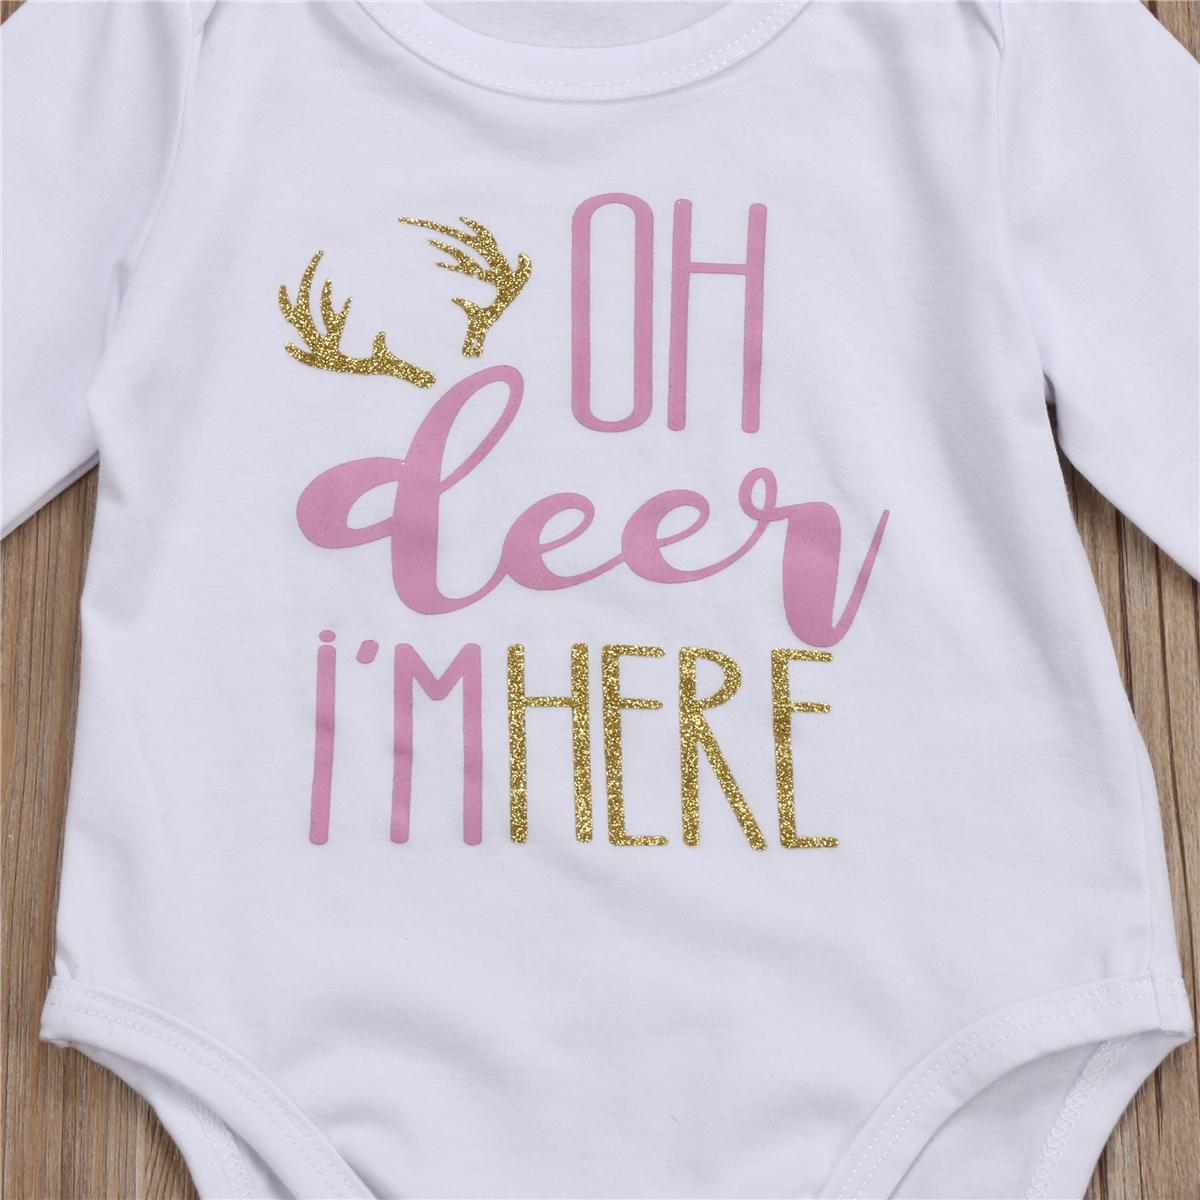 sevimli Yenidoğan Bebek Boy Kız kıyafetler mektup yazdırma Uzun Kollu beyaz romper Uzun kahverengi pantolon Şapka sonbahar bebek için Kıyafet Seti Giyim